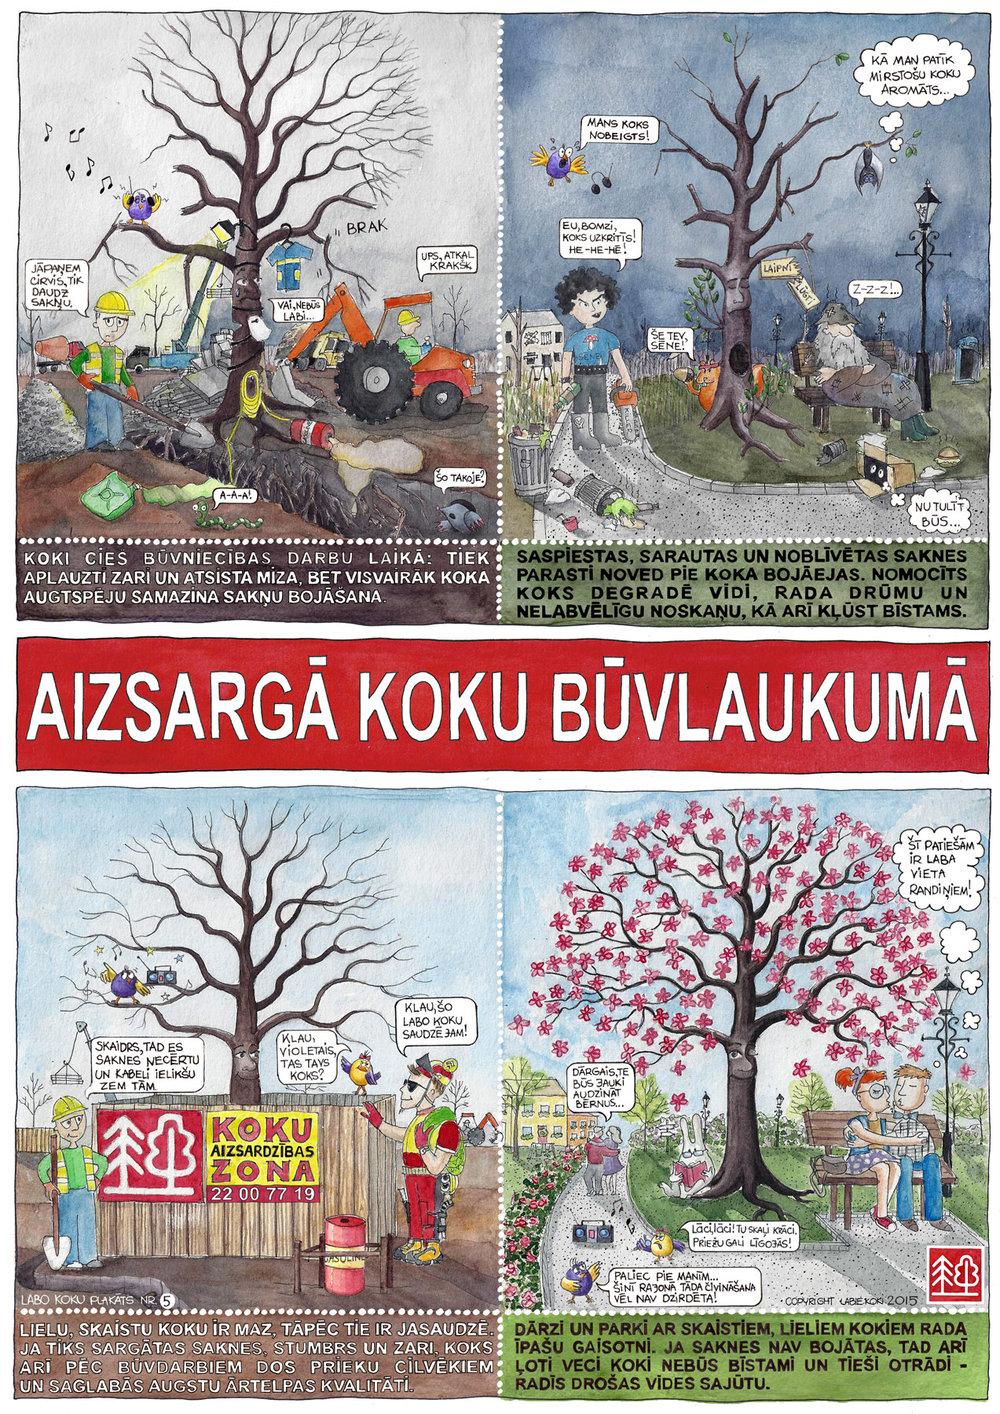 LABIE KOKI - aizsargā koku būvlaukumā